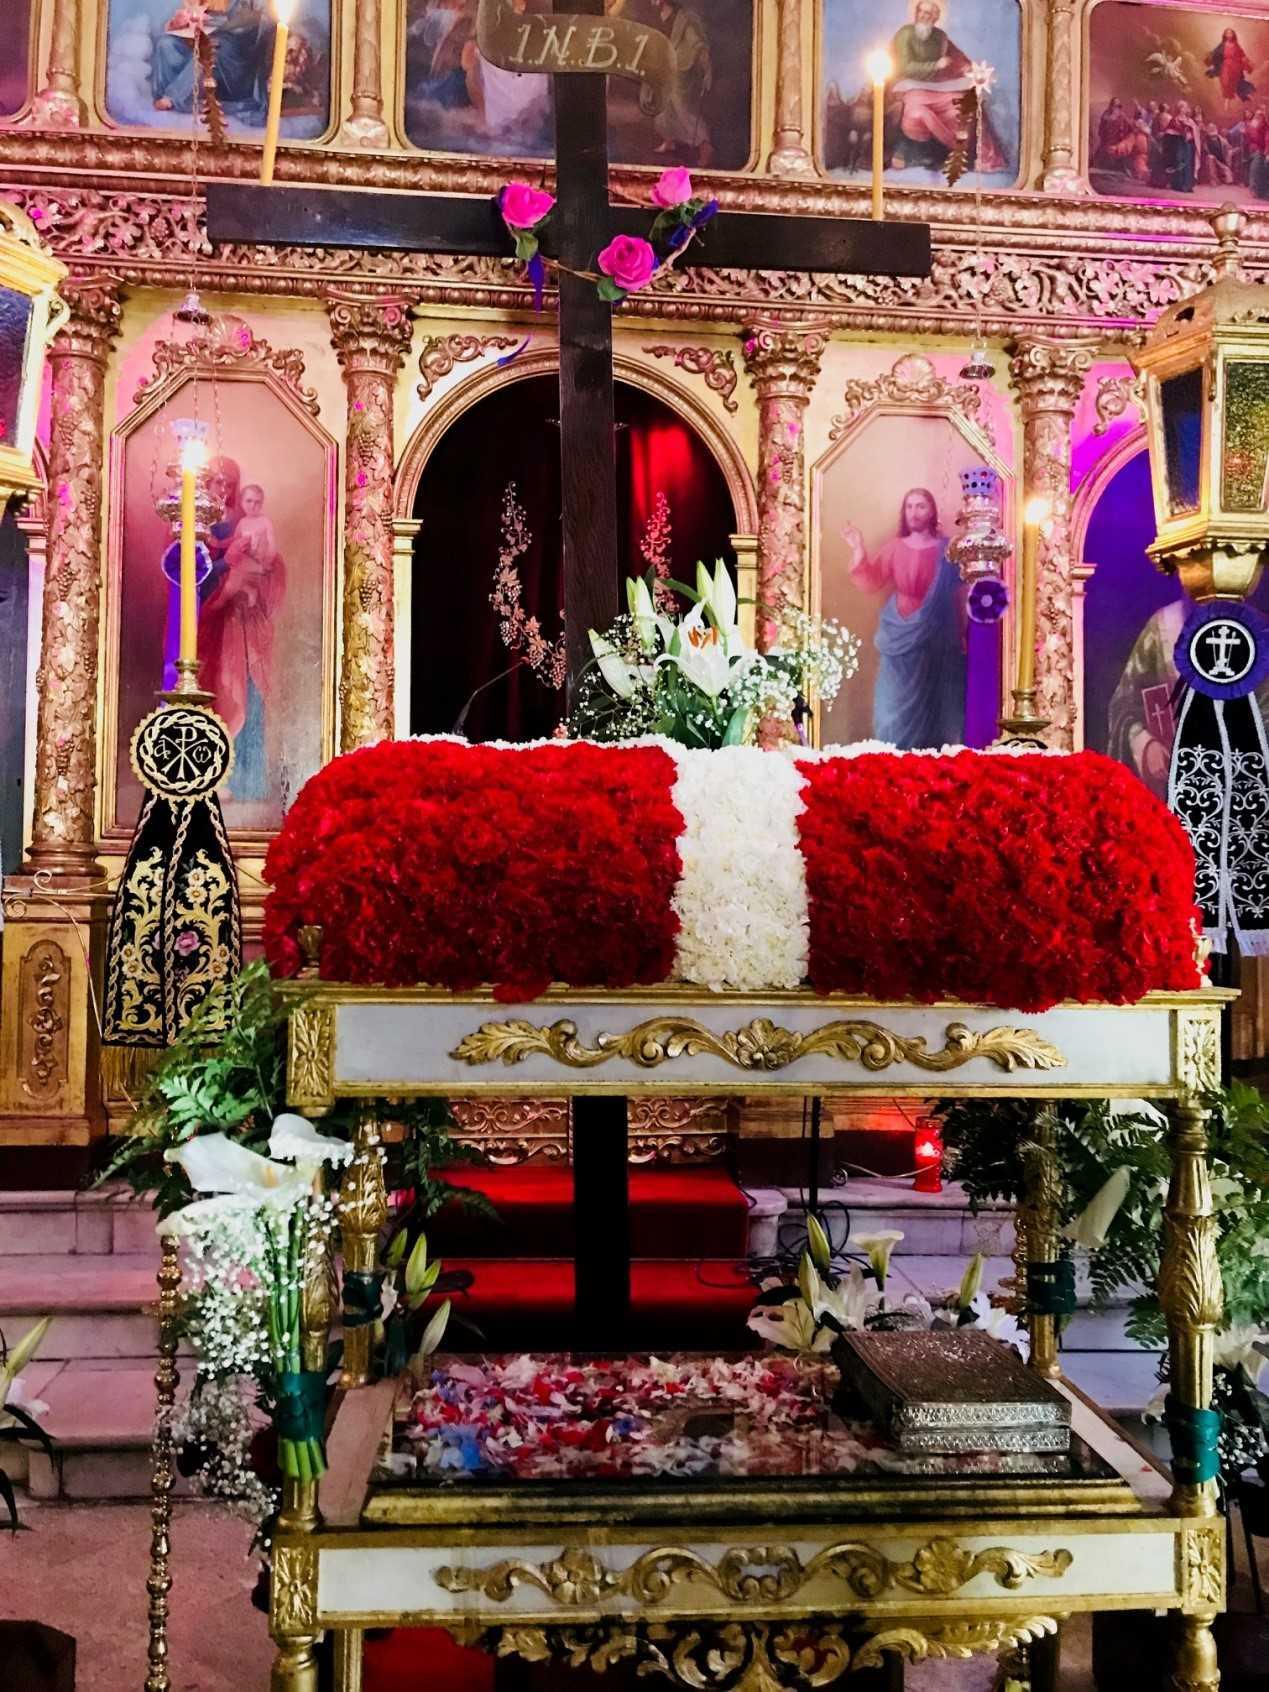 Ιερός Ναός Υ.Θ. των Στερεωτών (Παναγία των Ξένων)